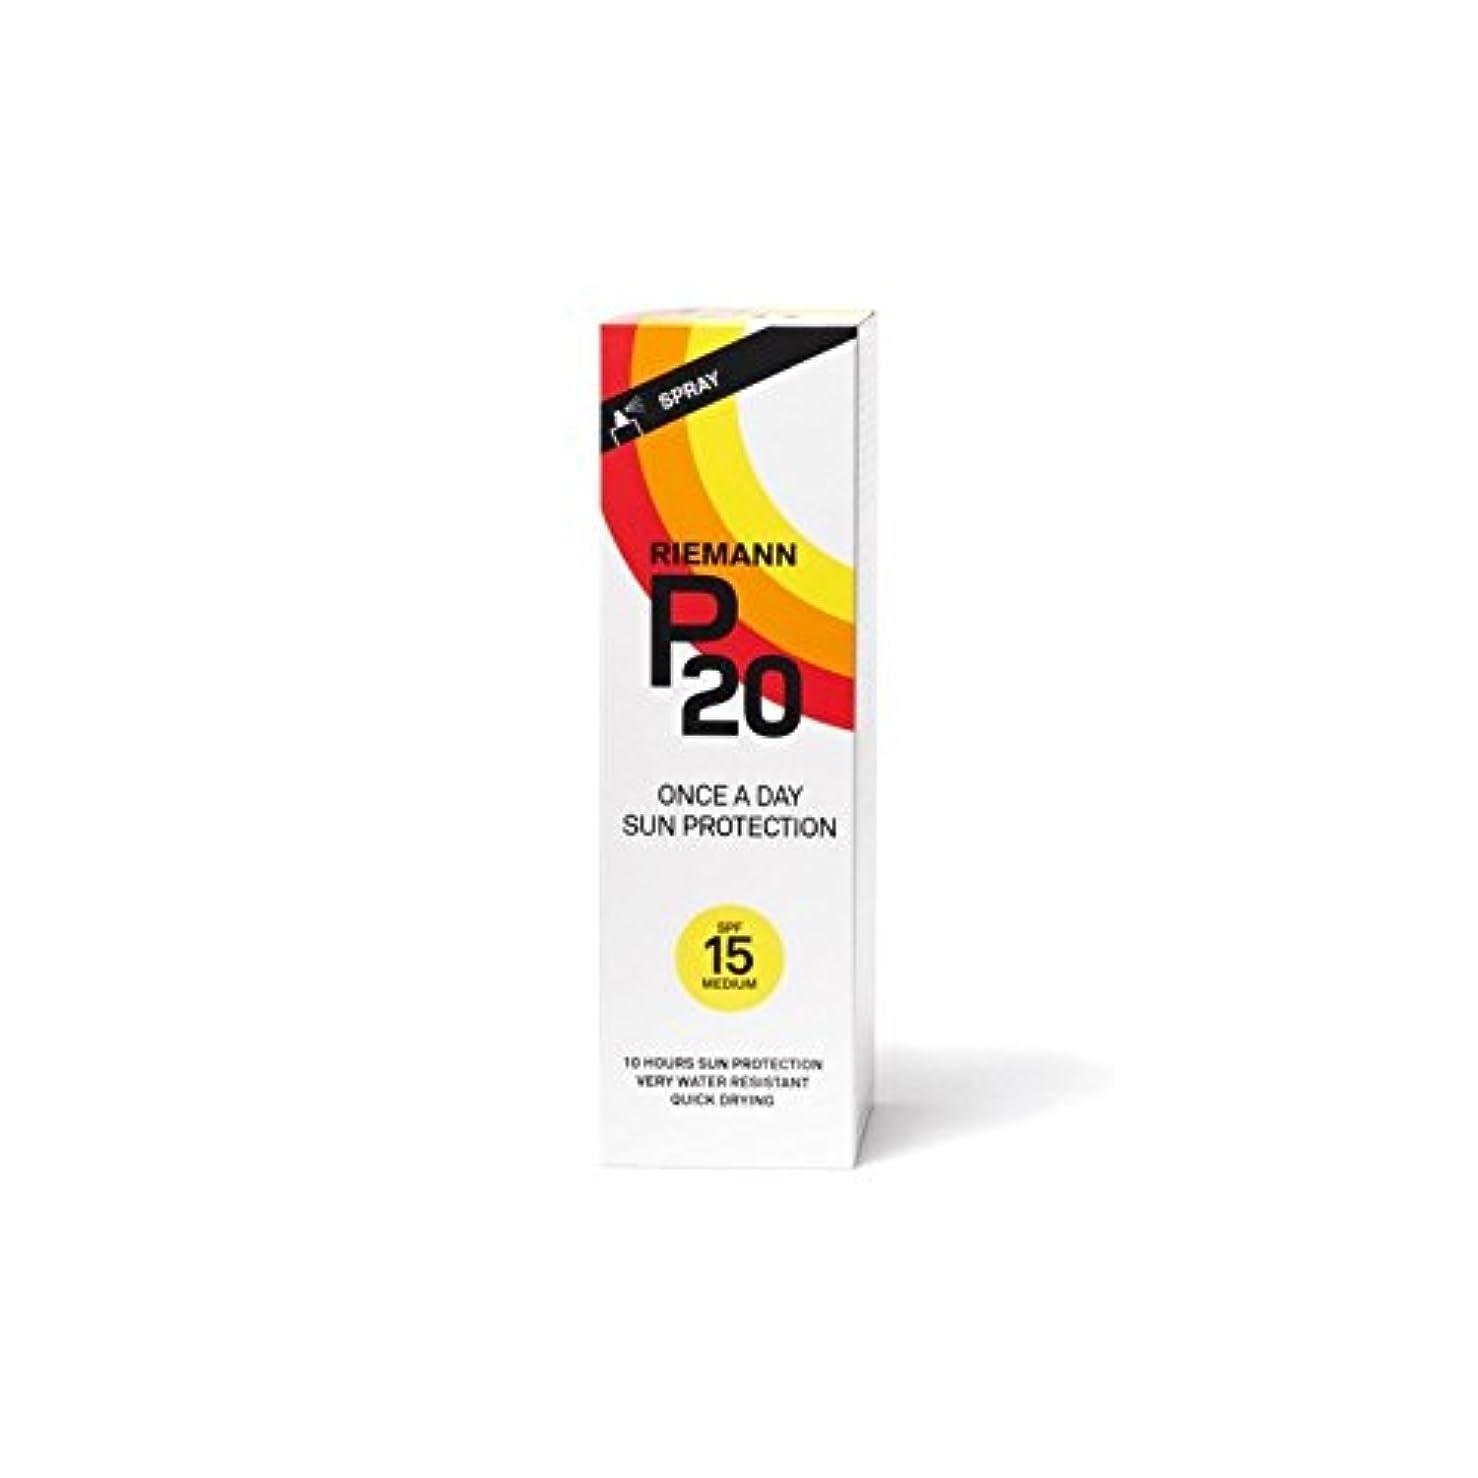 とげスーパーマーケットファームリーマン20のサンフィルター100ミリリットル15 x2 - Riemann P20 Sun Filter 100ml SPF15 (Pack of 2) [並行輸入品]